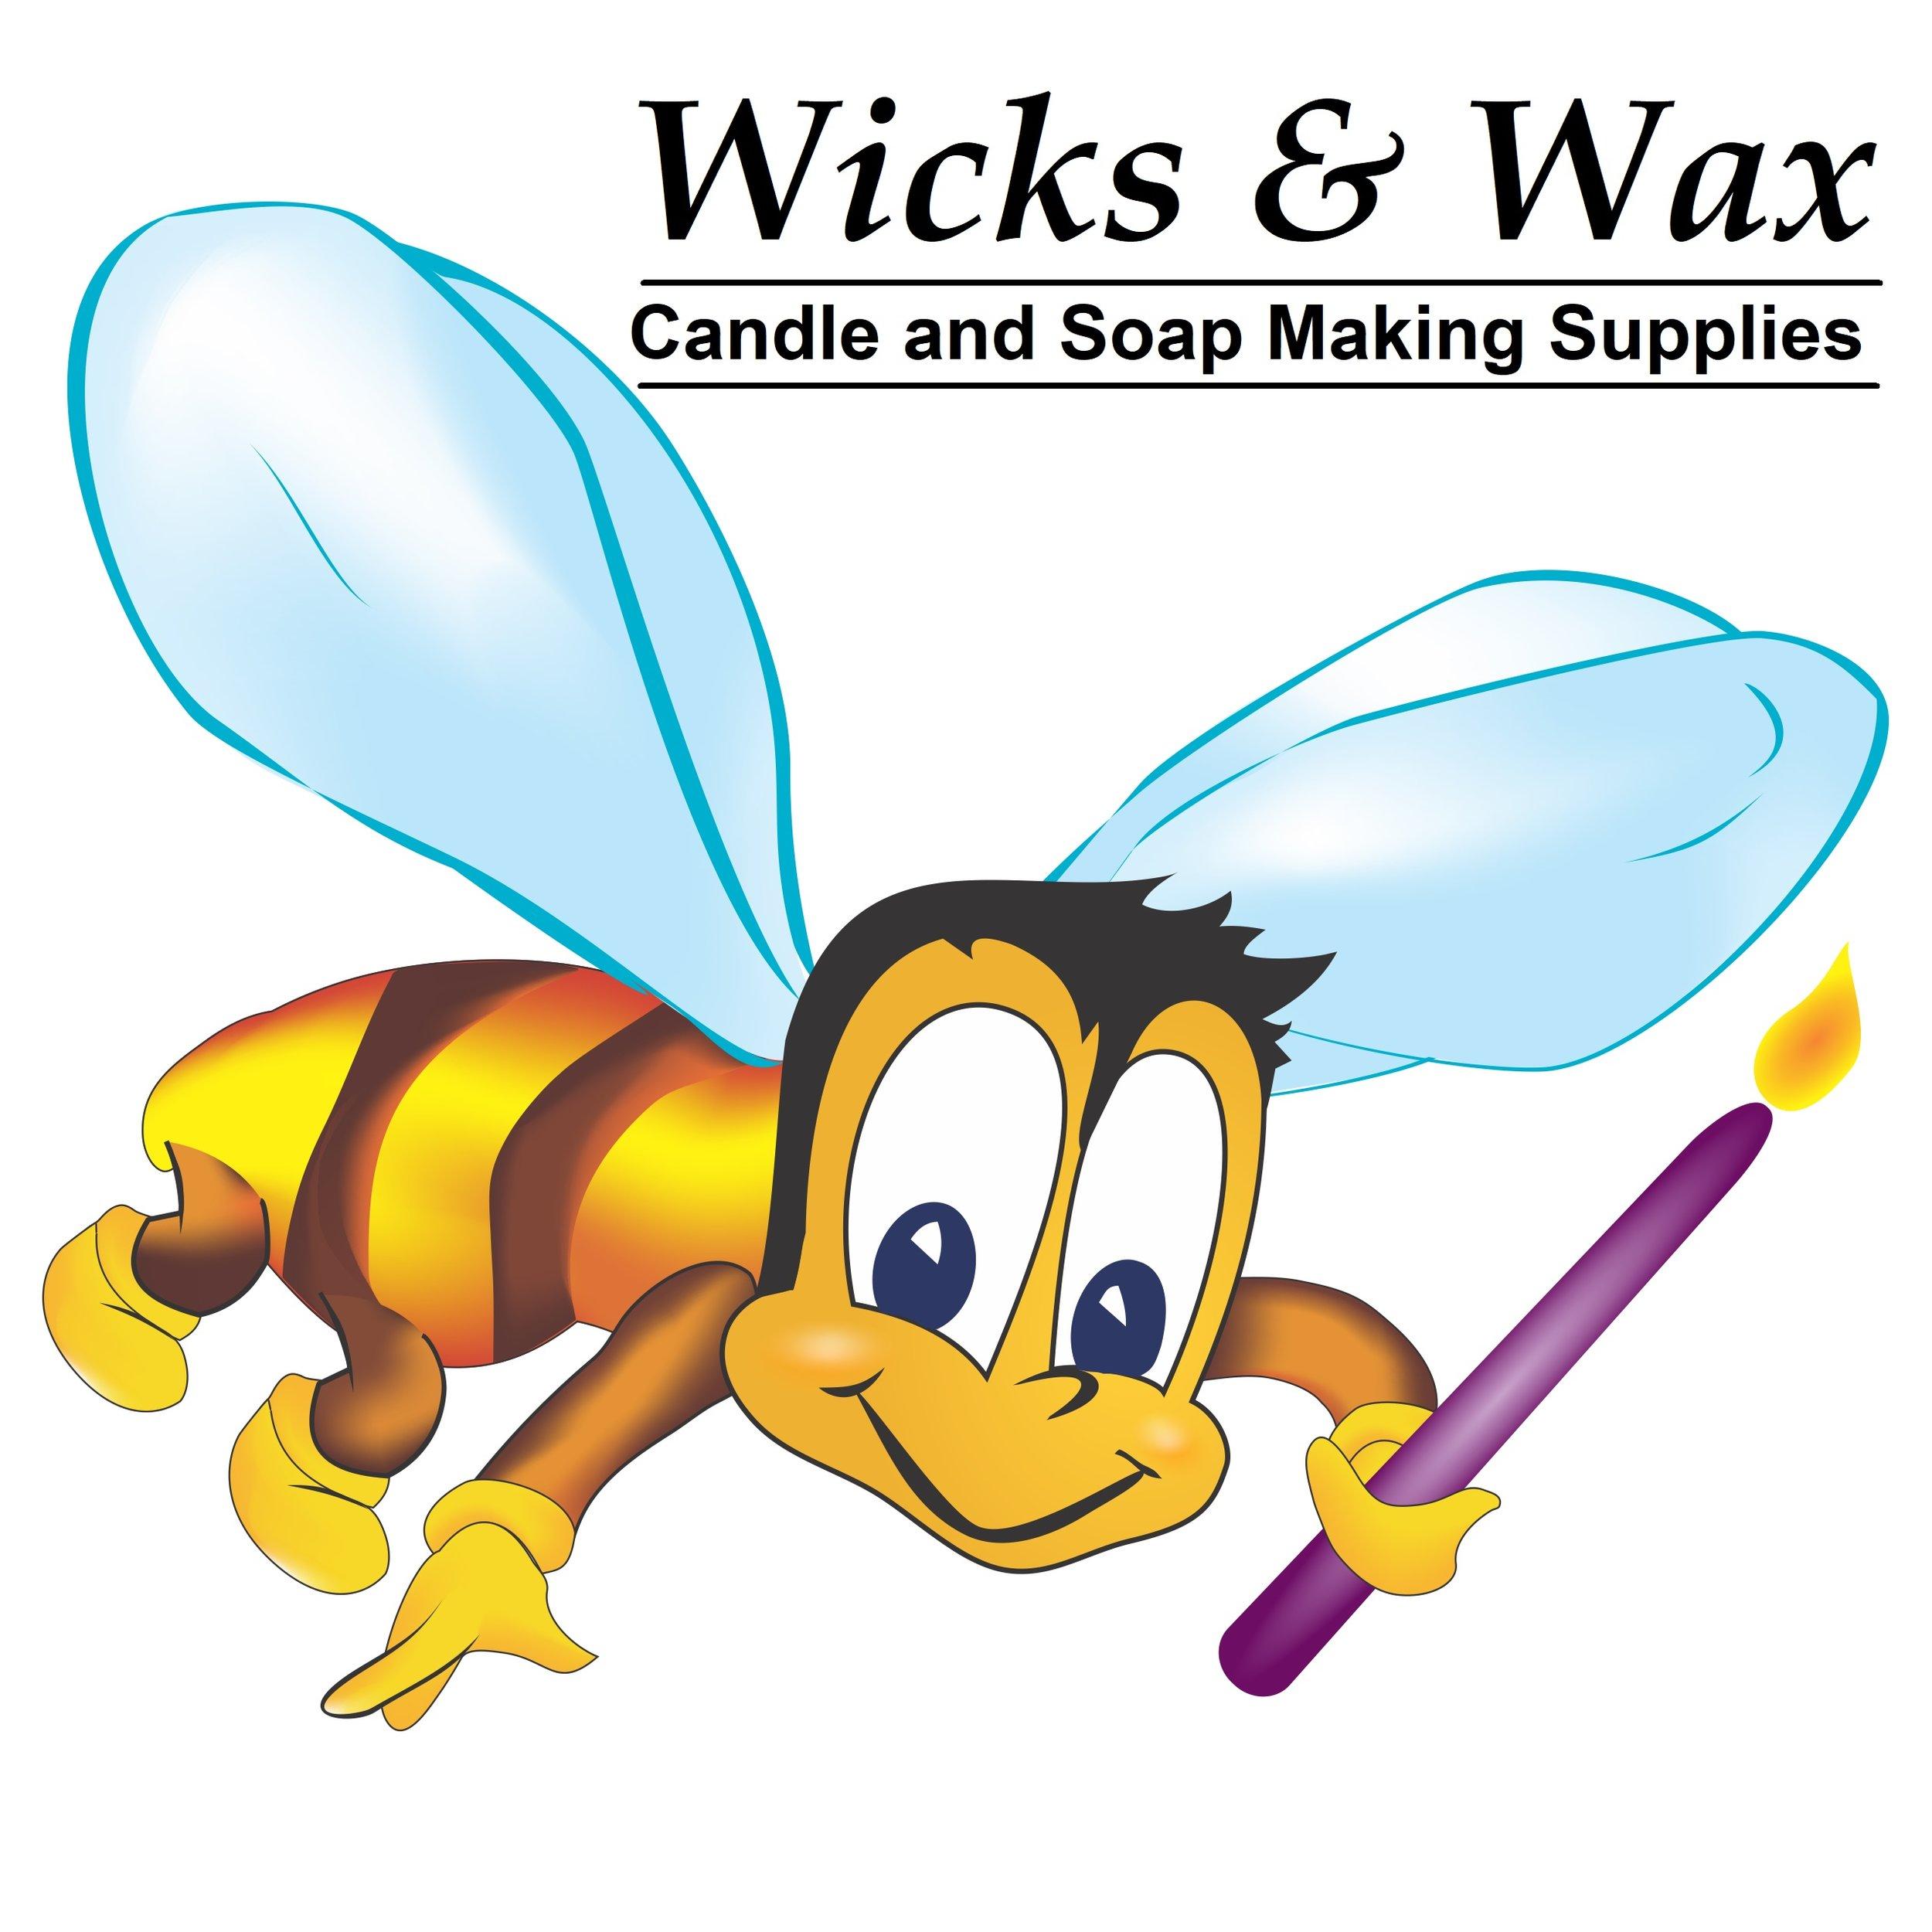 wicks-and-wax.jpg